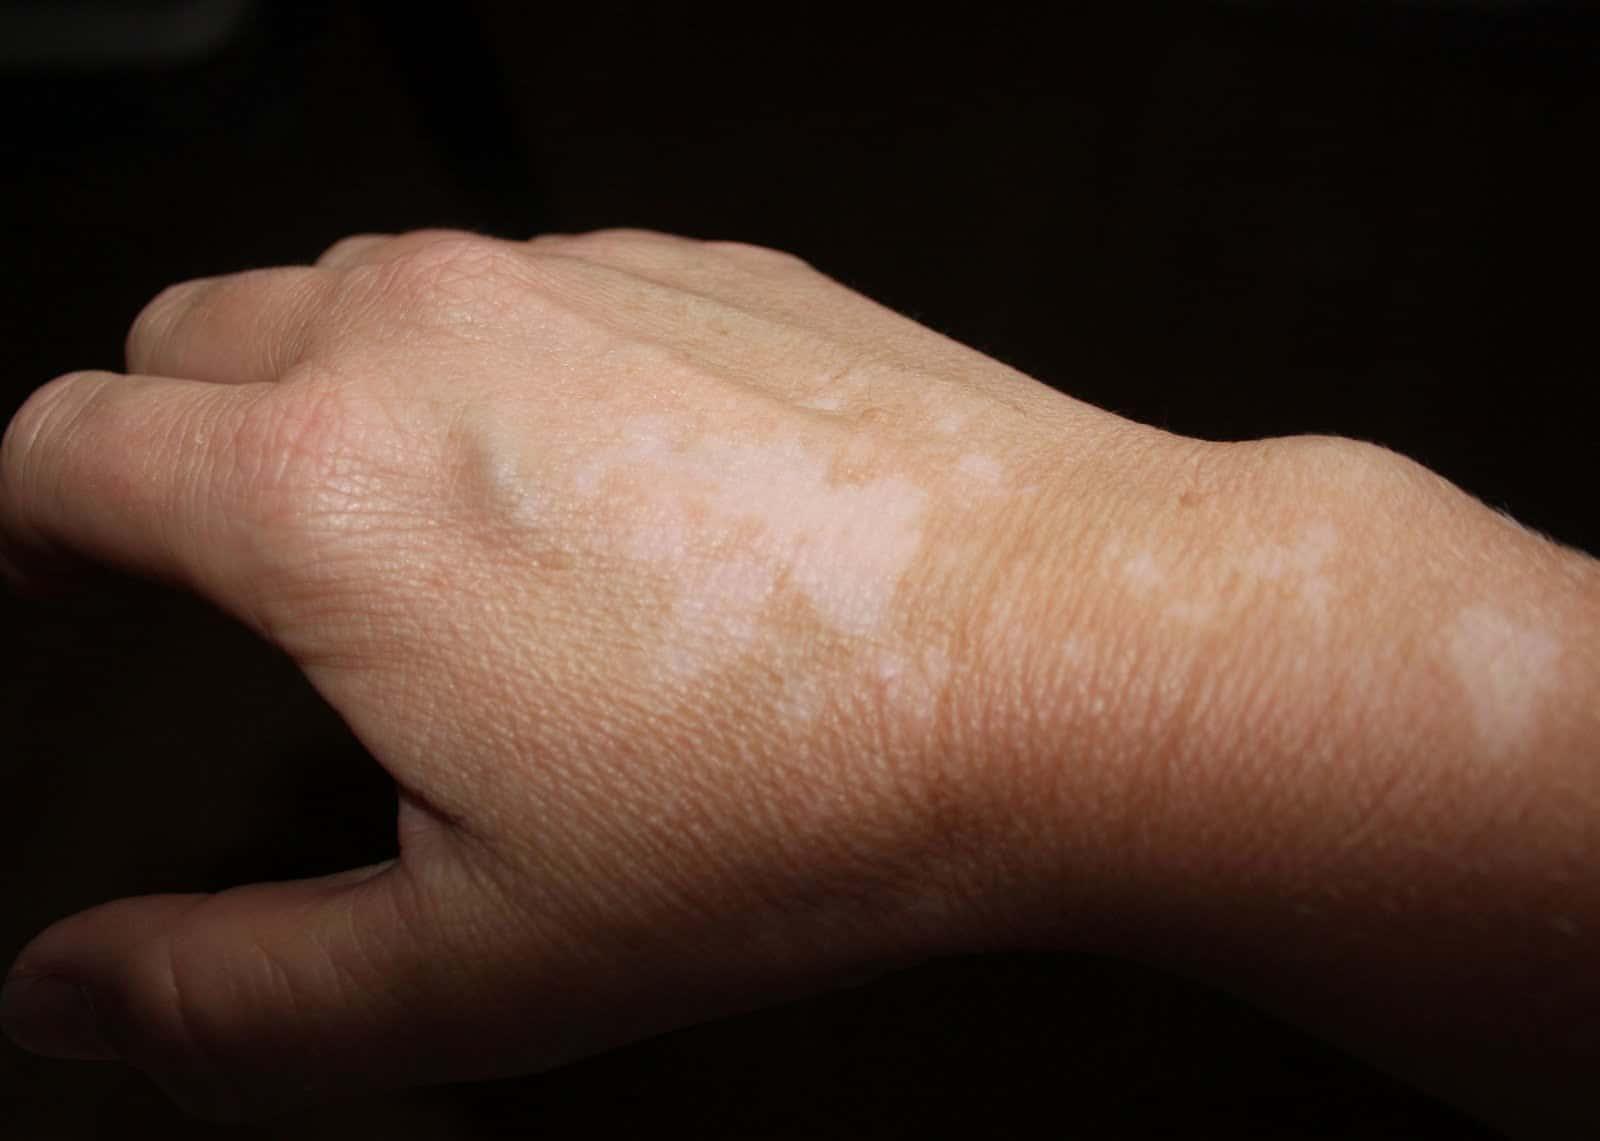 صورة ماهو علاج البهاق , احدث طرق لعلاج البهاق